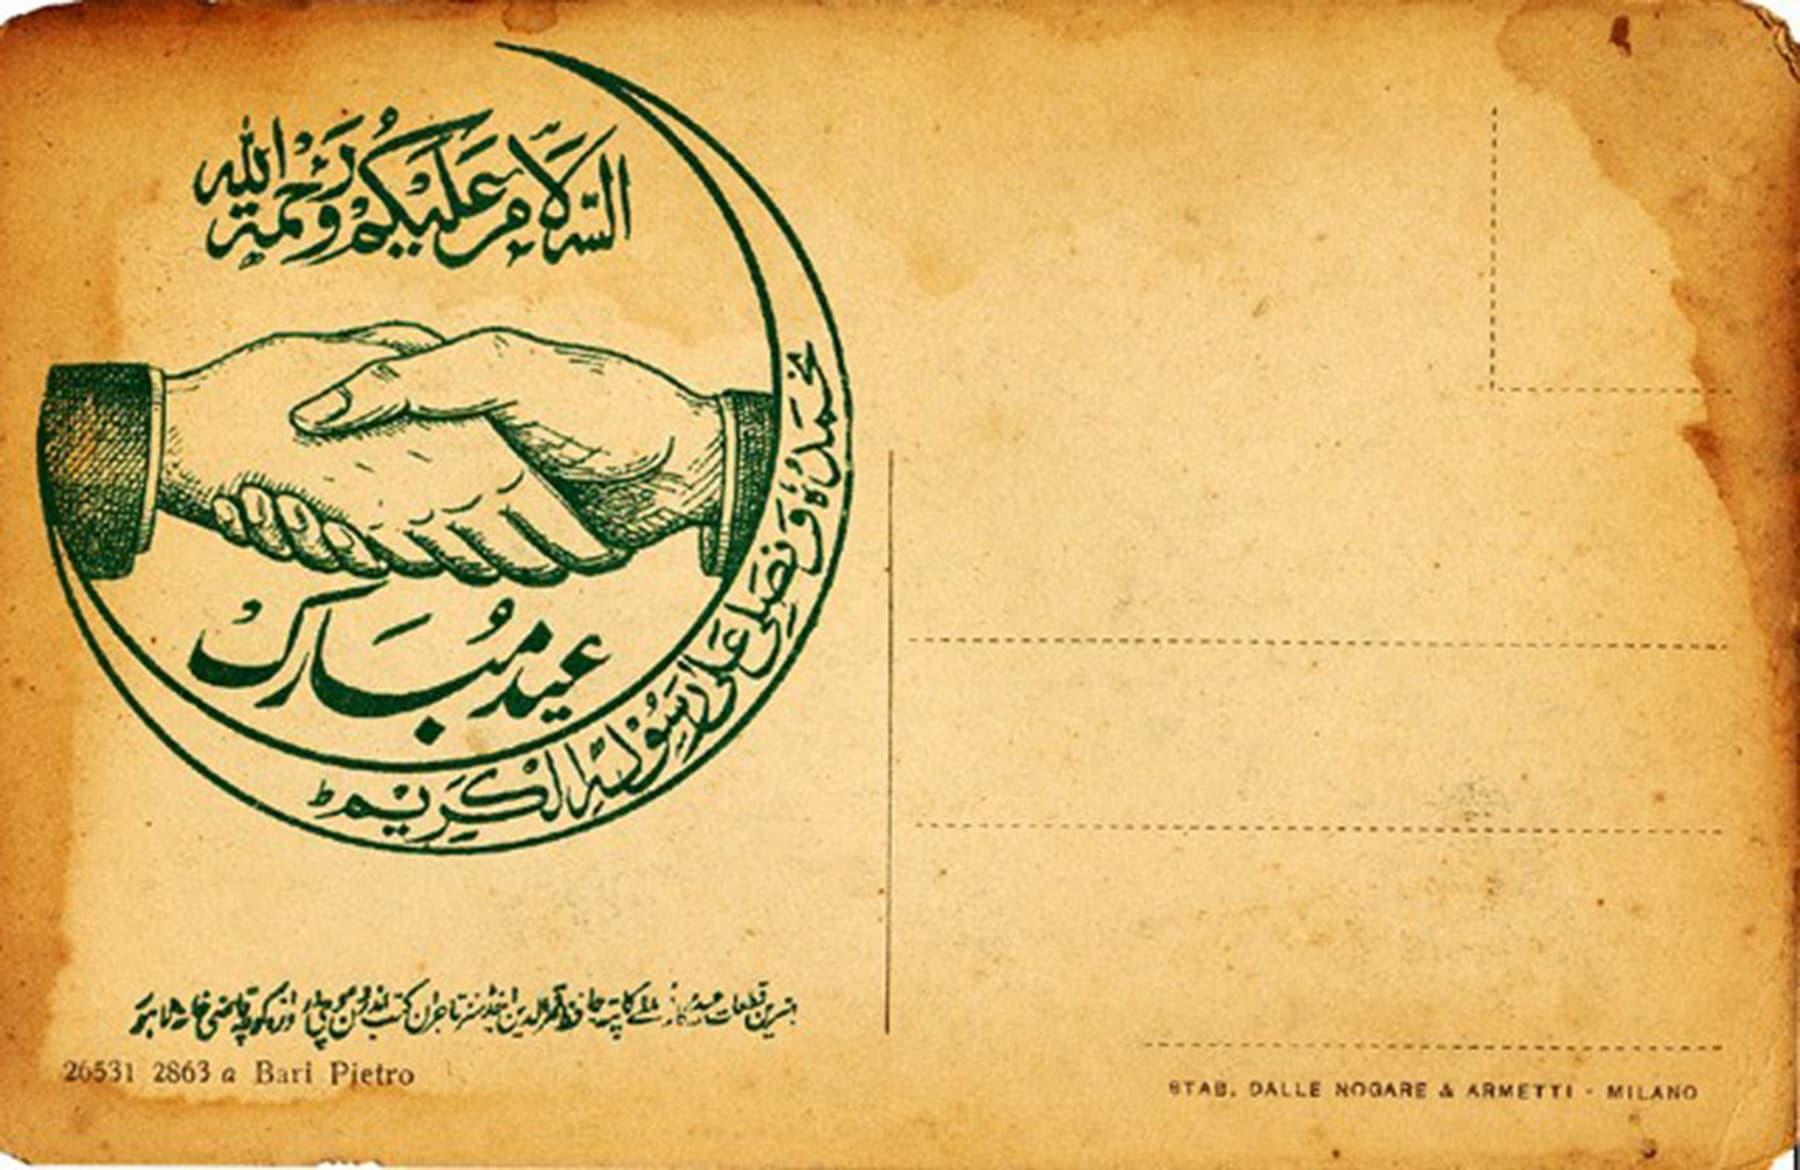 حافظ قمرالدین اینڈ سنز، لاہور کا شائع کردہ عید کارڈ۔